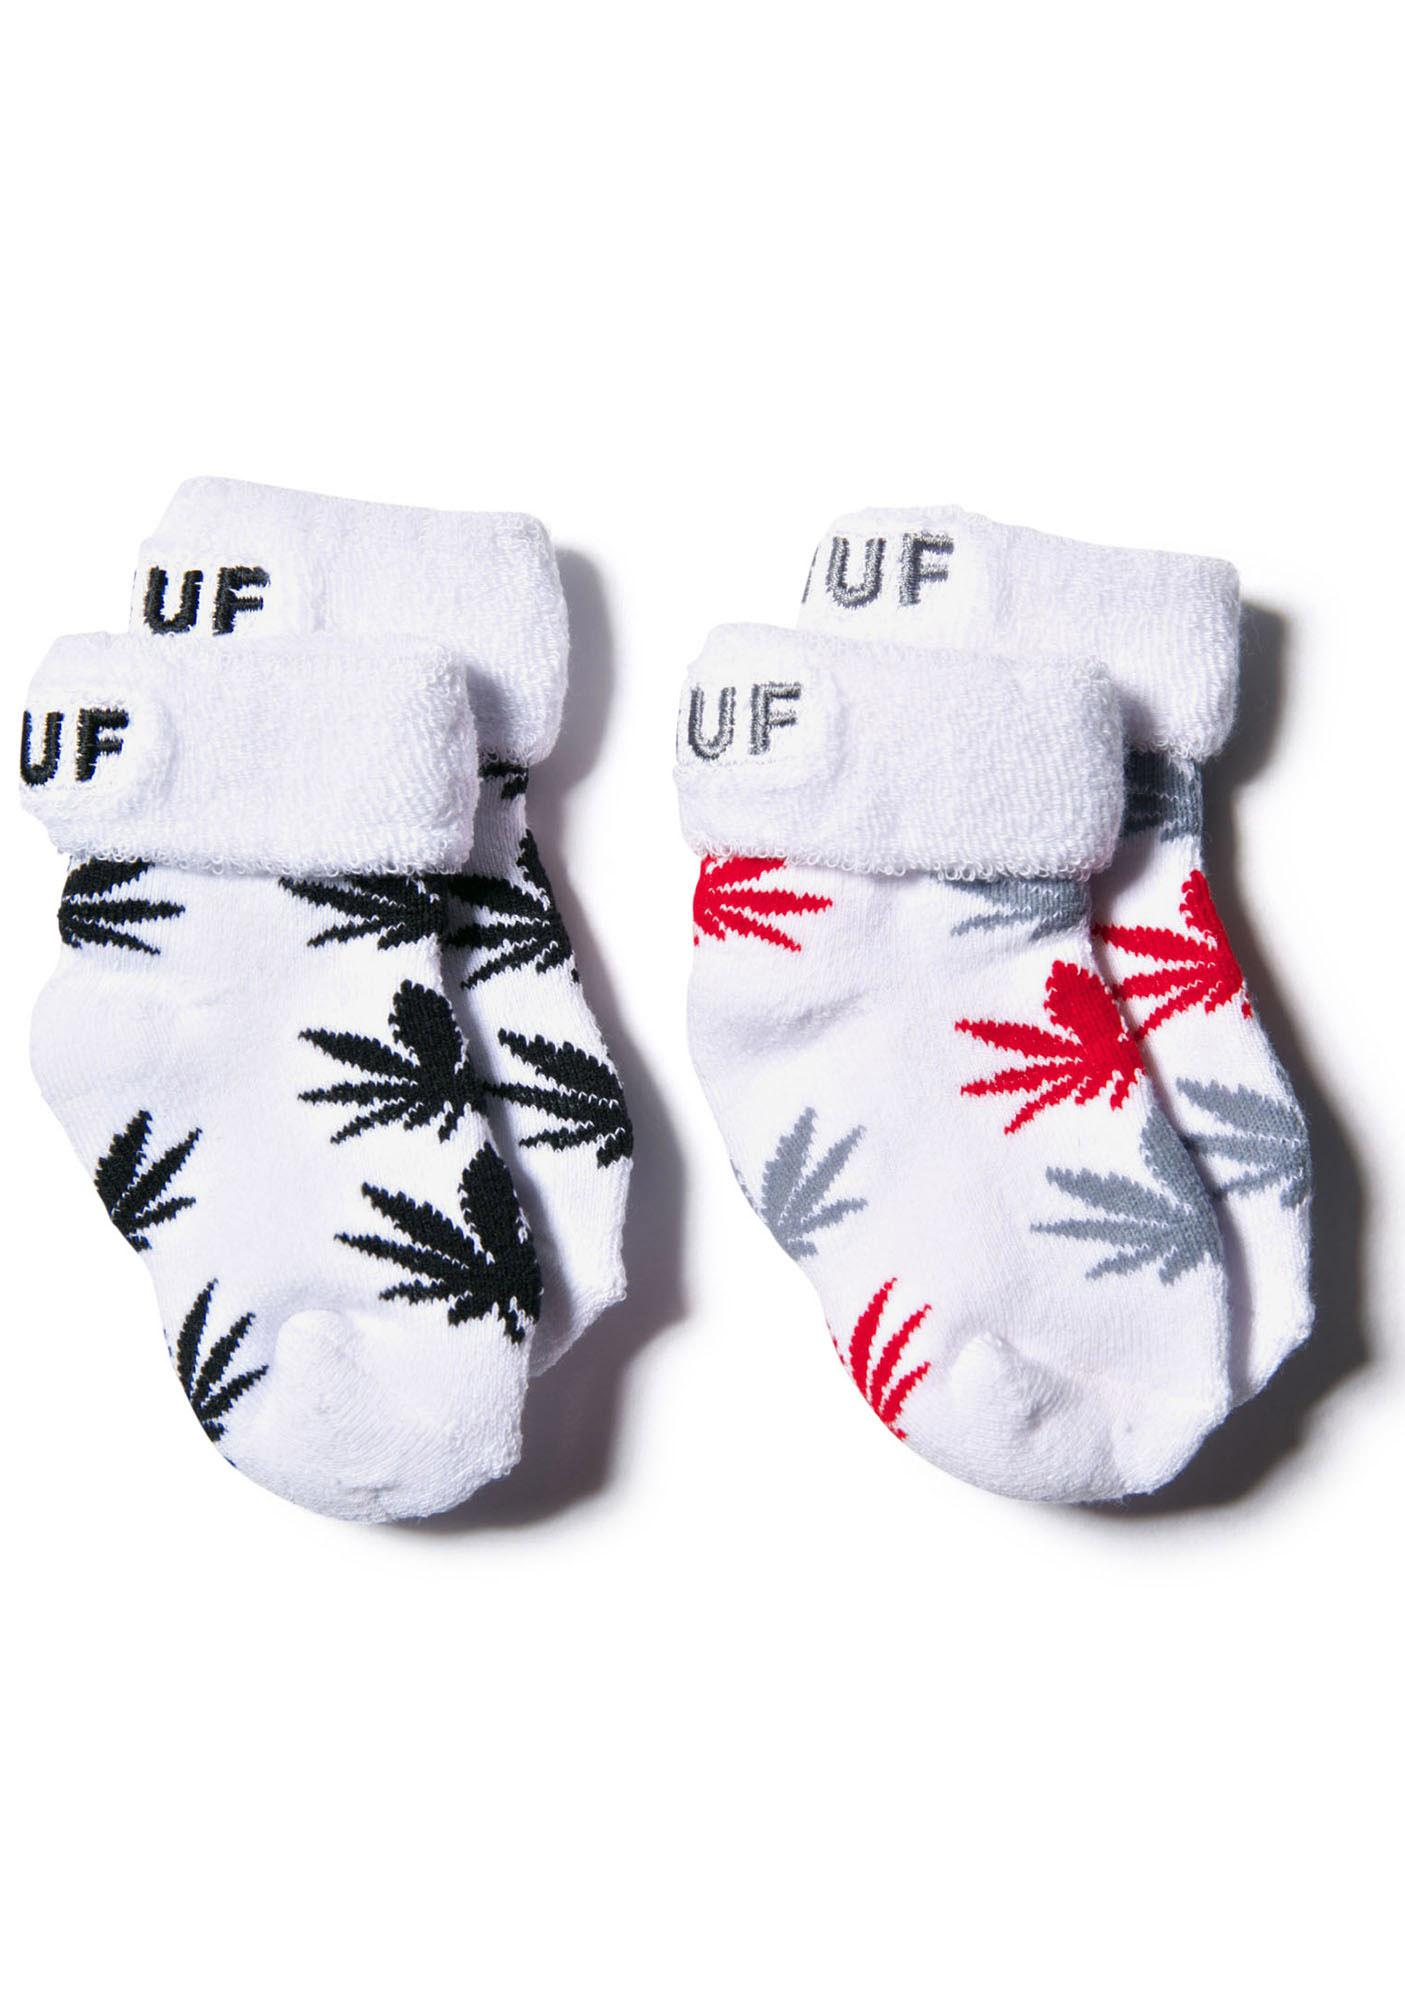 HUF Seed Socks